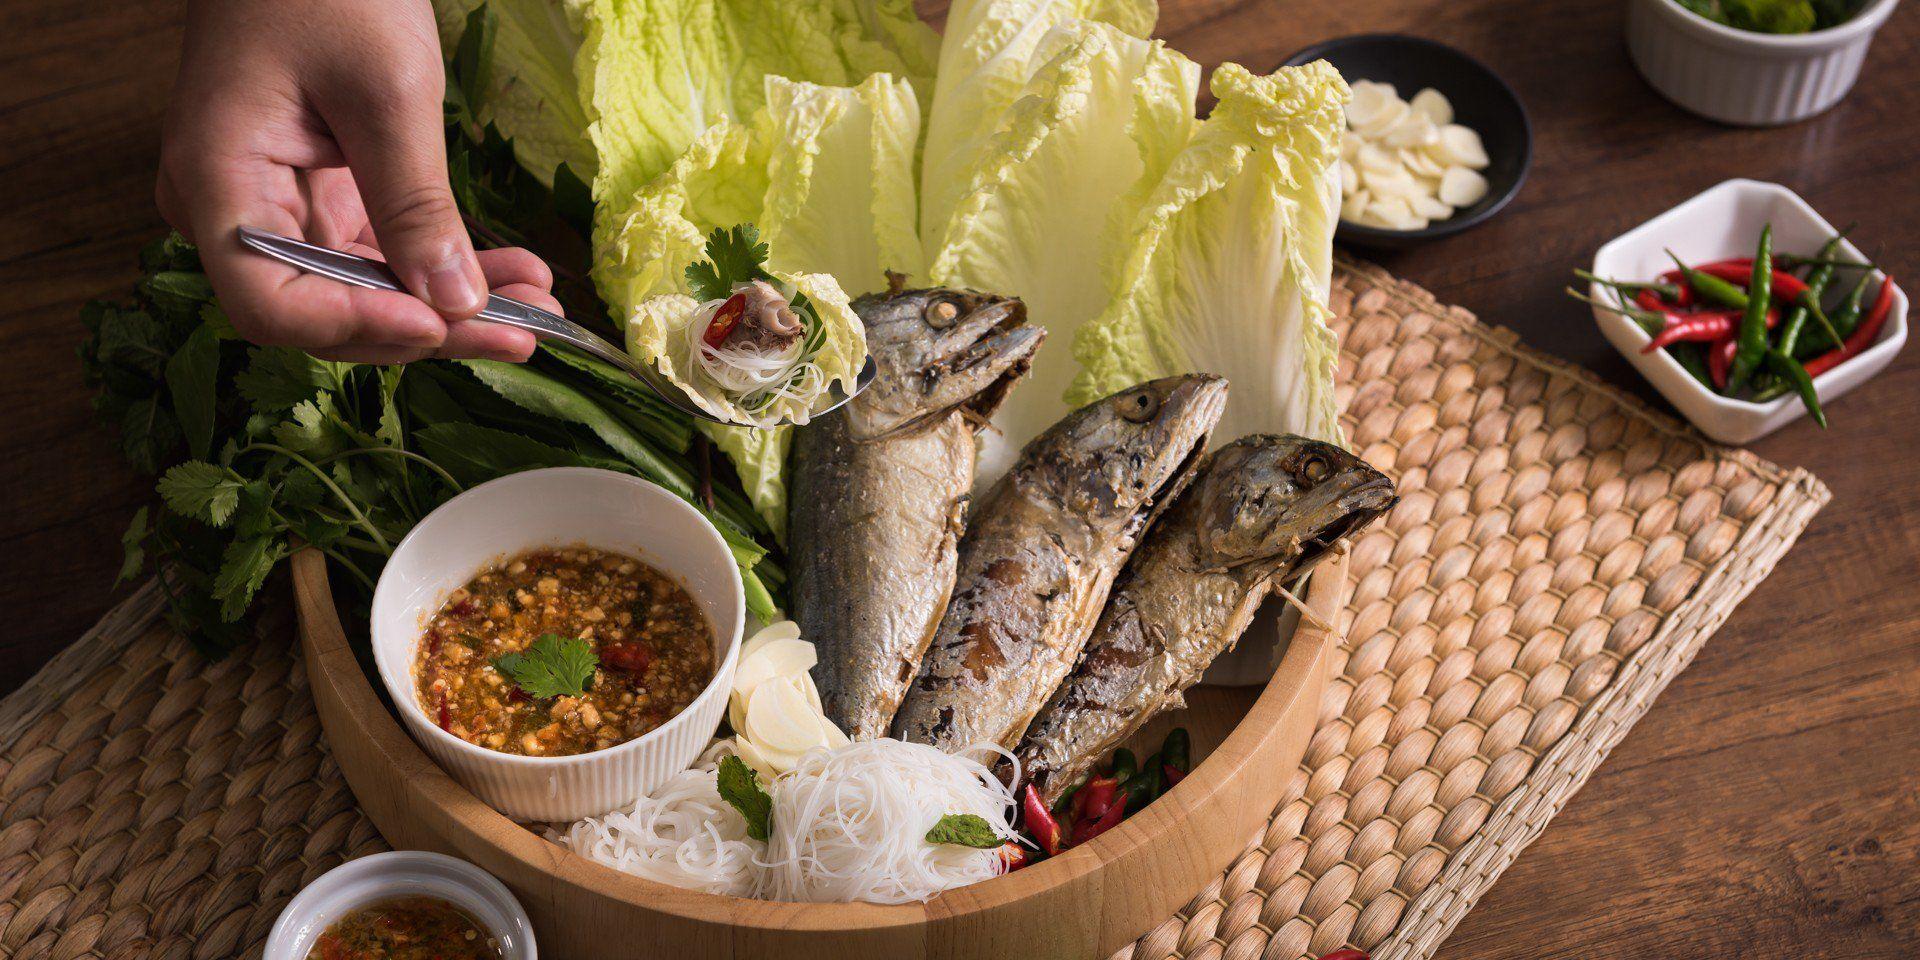 แจกส ตรฟร เม ยงปลาท พร อมส ตรน ำจ มรสเด ด ท ใครก นต องต ดใจ On Wongnai Com ส ตรอาหาร อาหาร ส ตรอาหารทะเล ส ตรการทำอาหาร